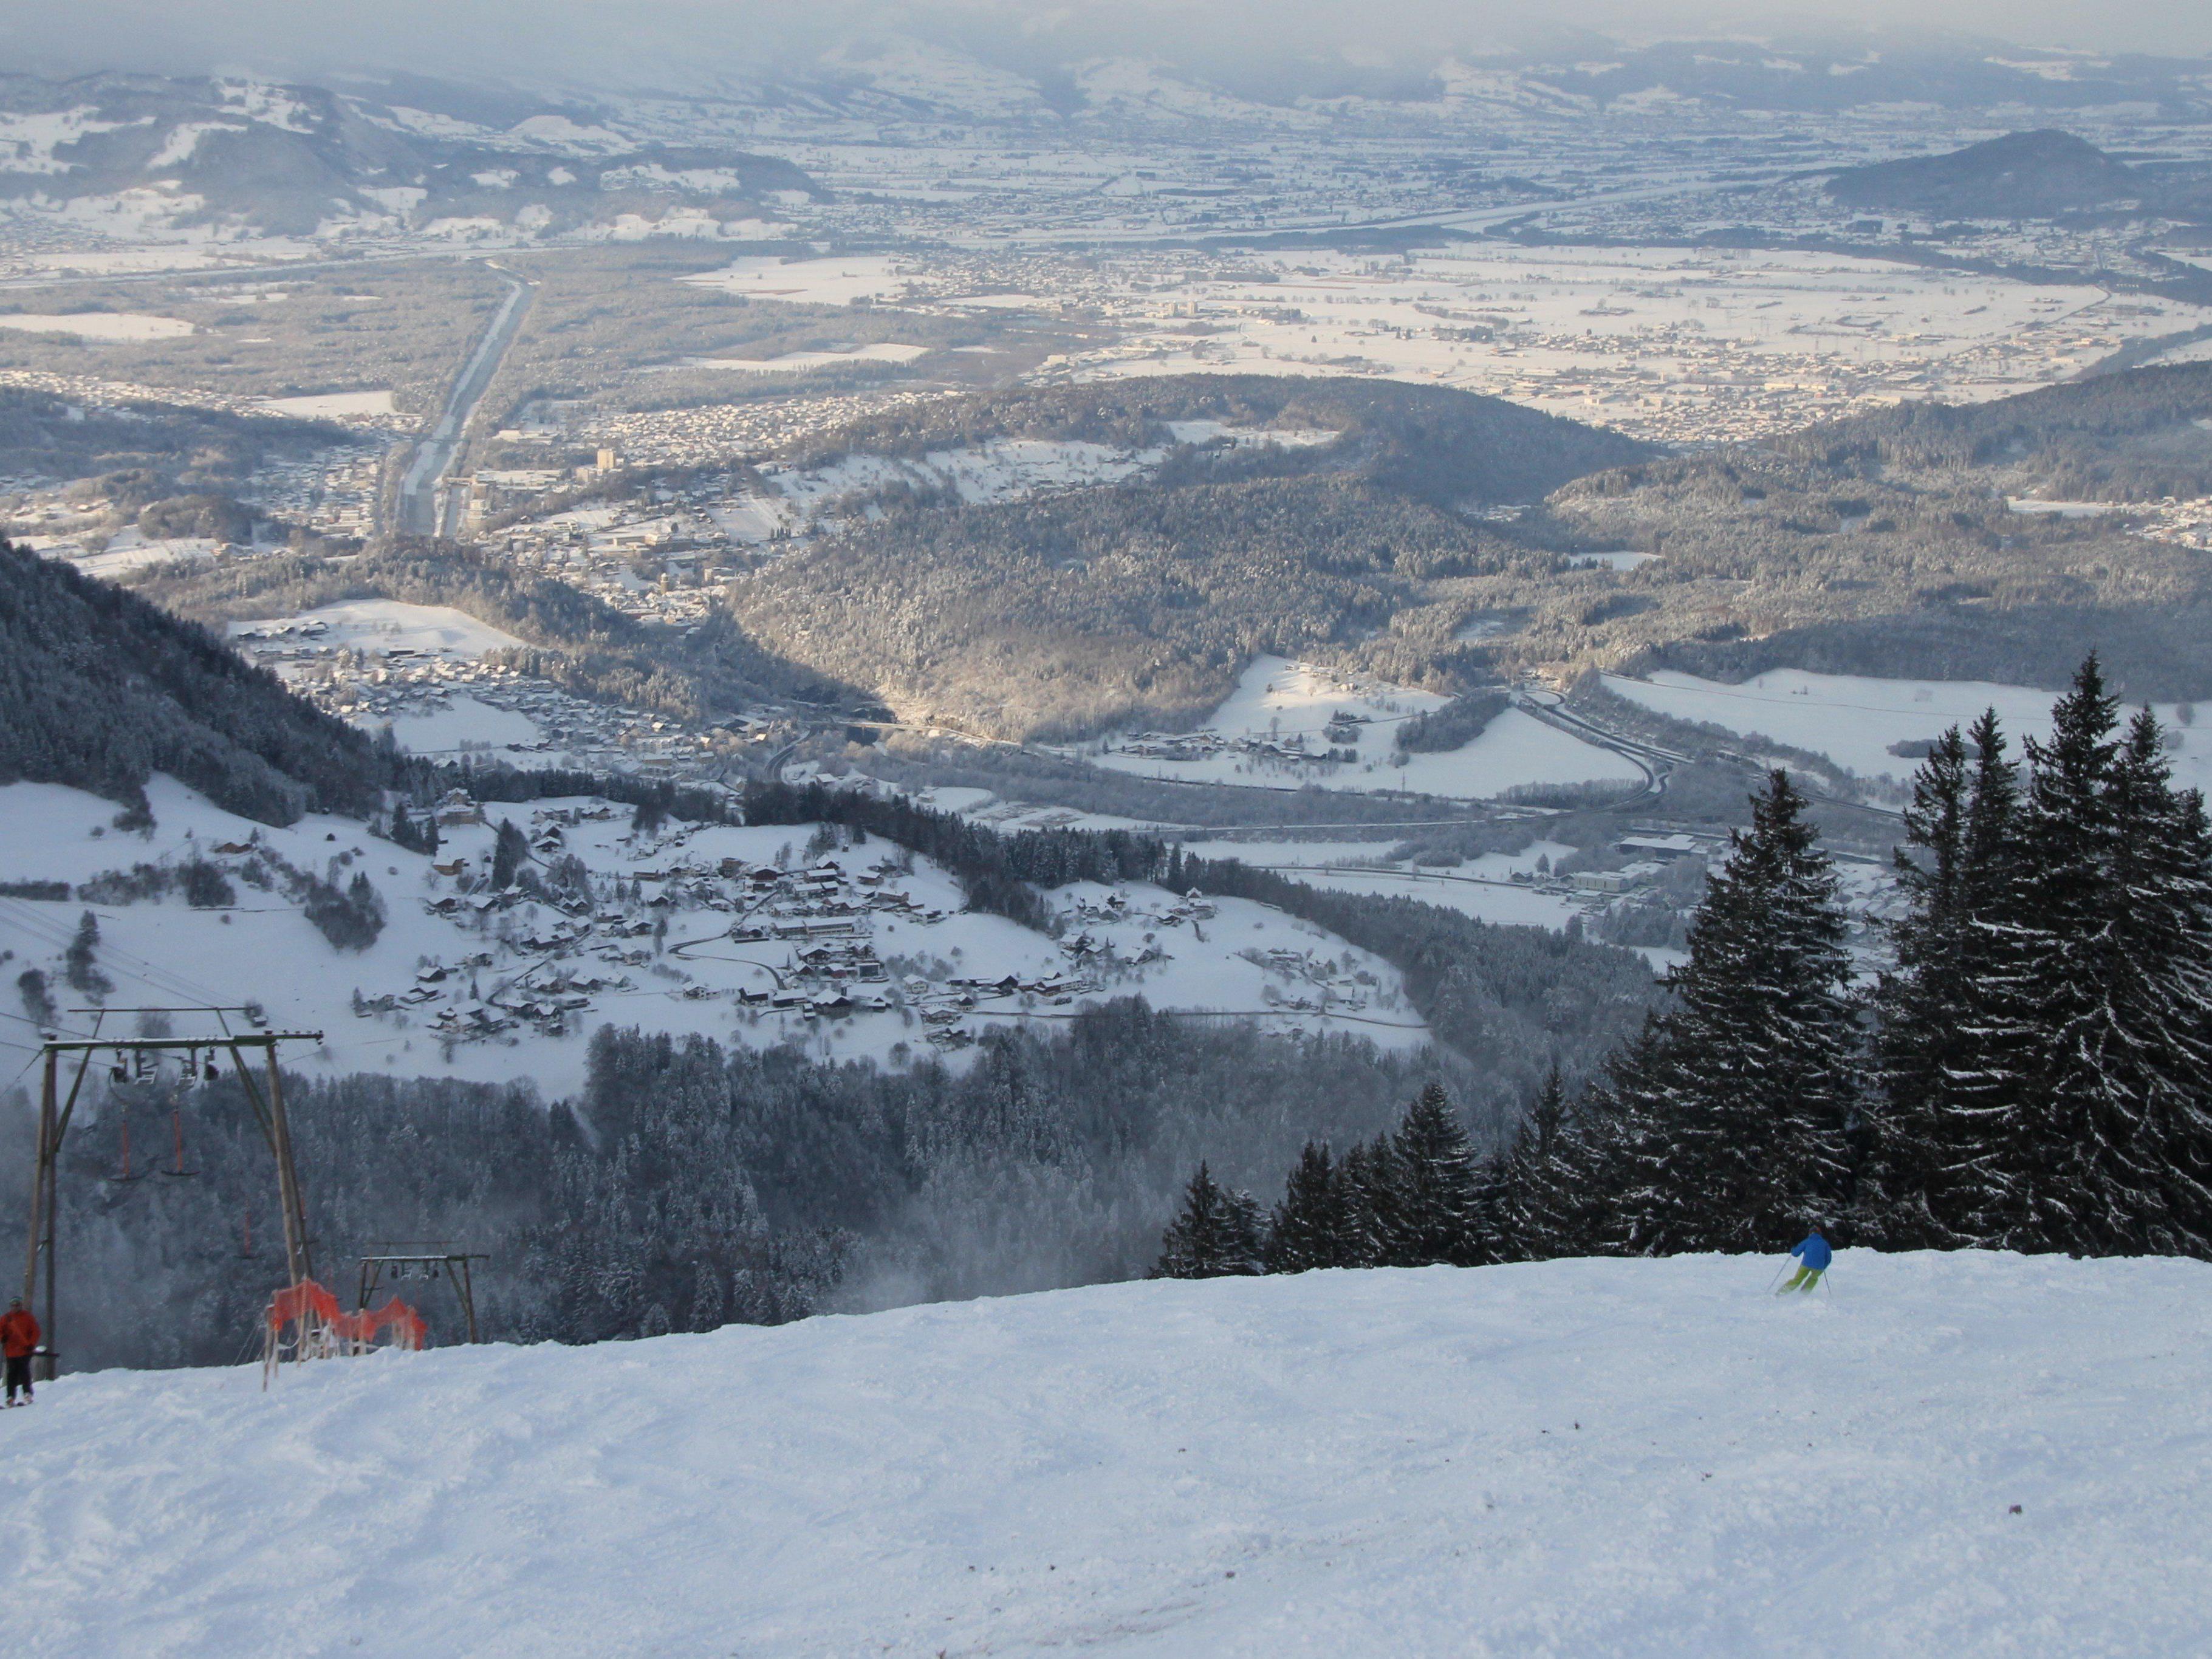 Skisaison auf Bazora erfolgreich eröffnet.